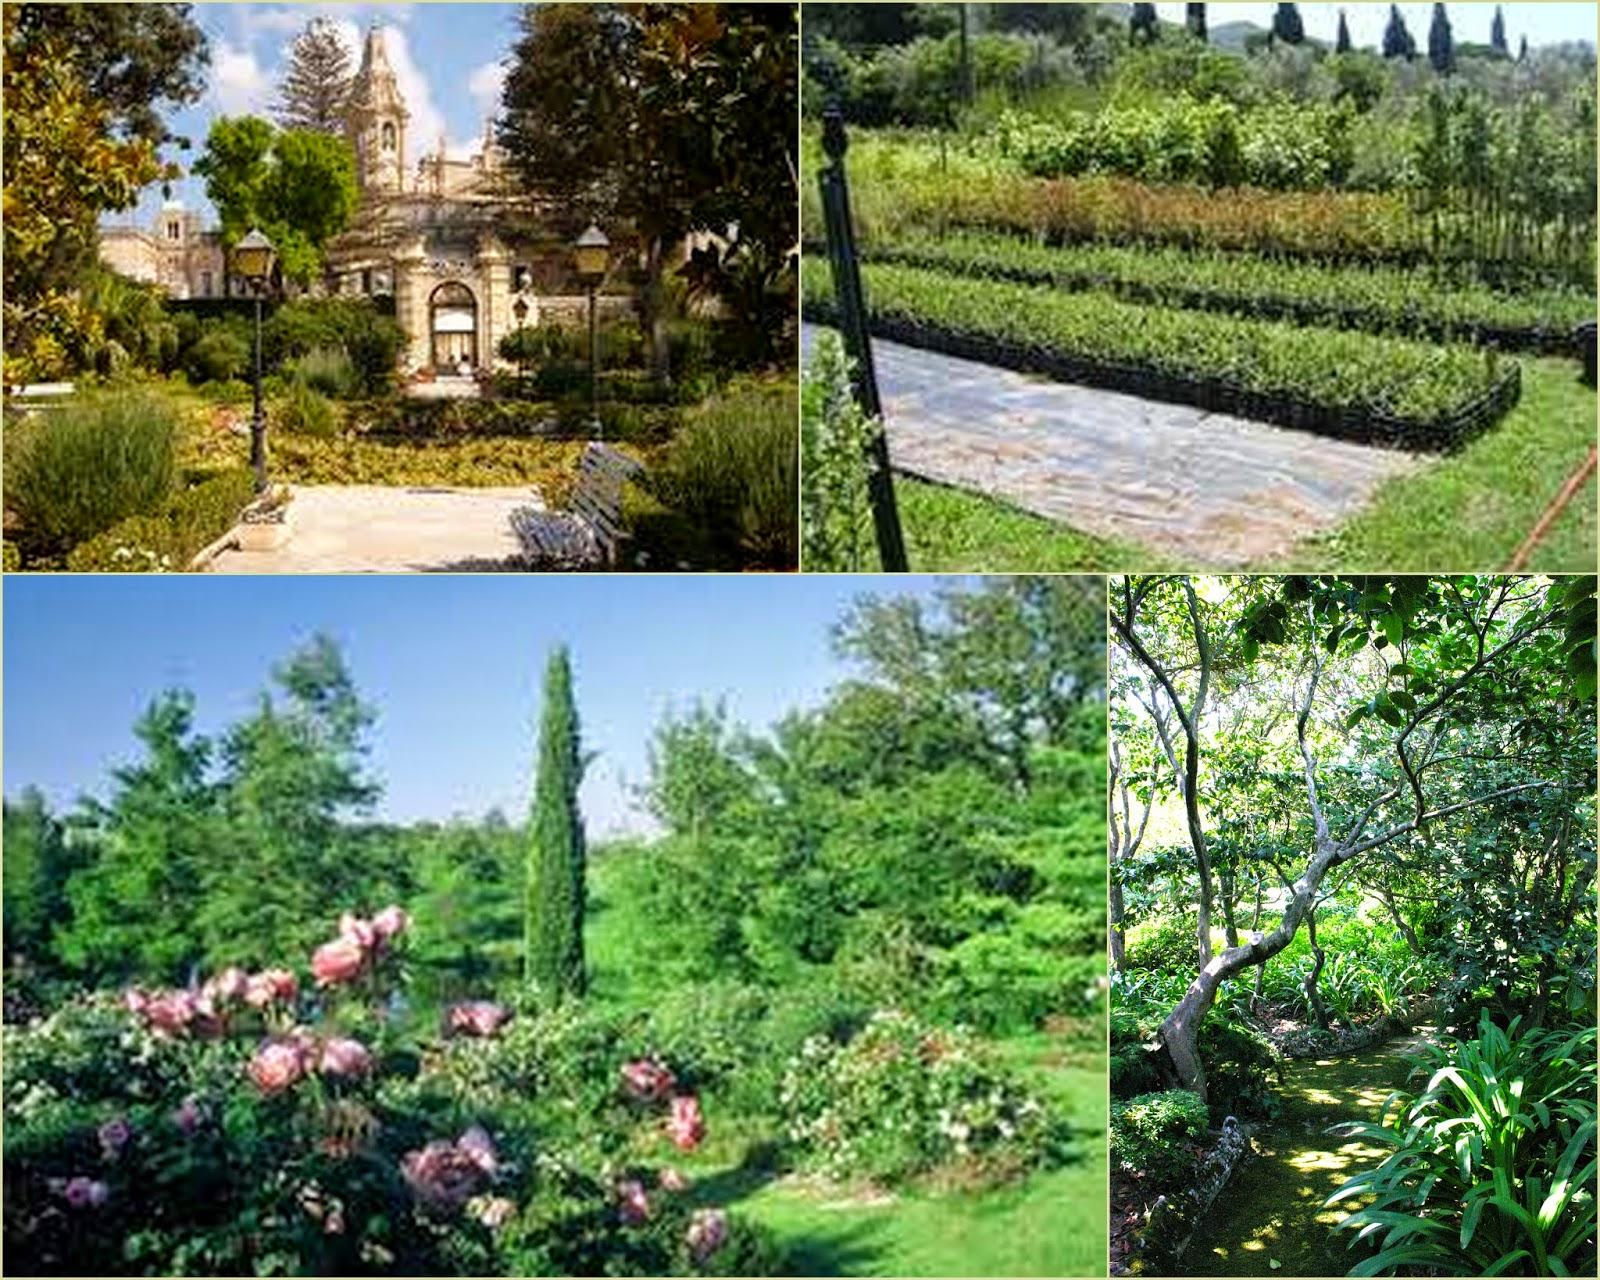 Eccezionale Il giardino mediterraneo.. con tanto sole e poca acqua MT54